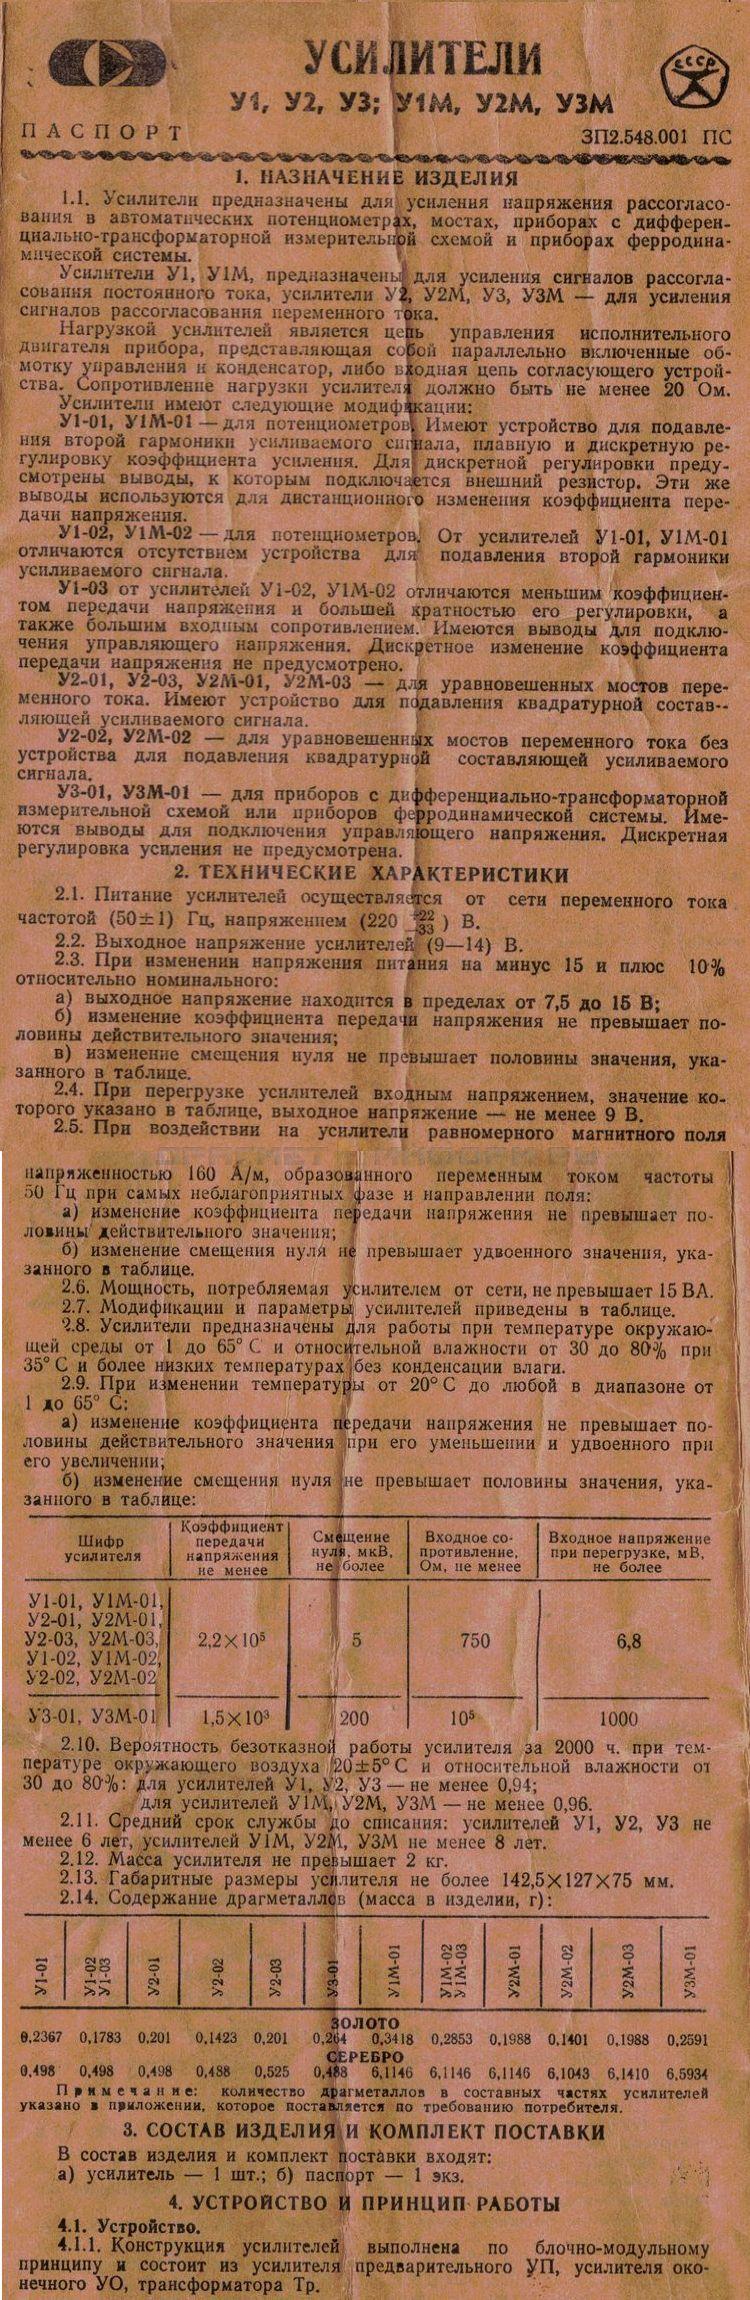 Формуляр У1-03